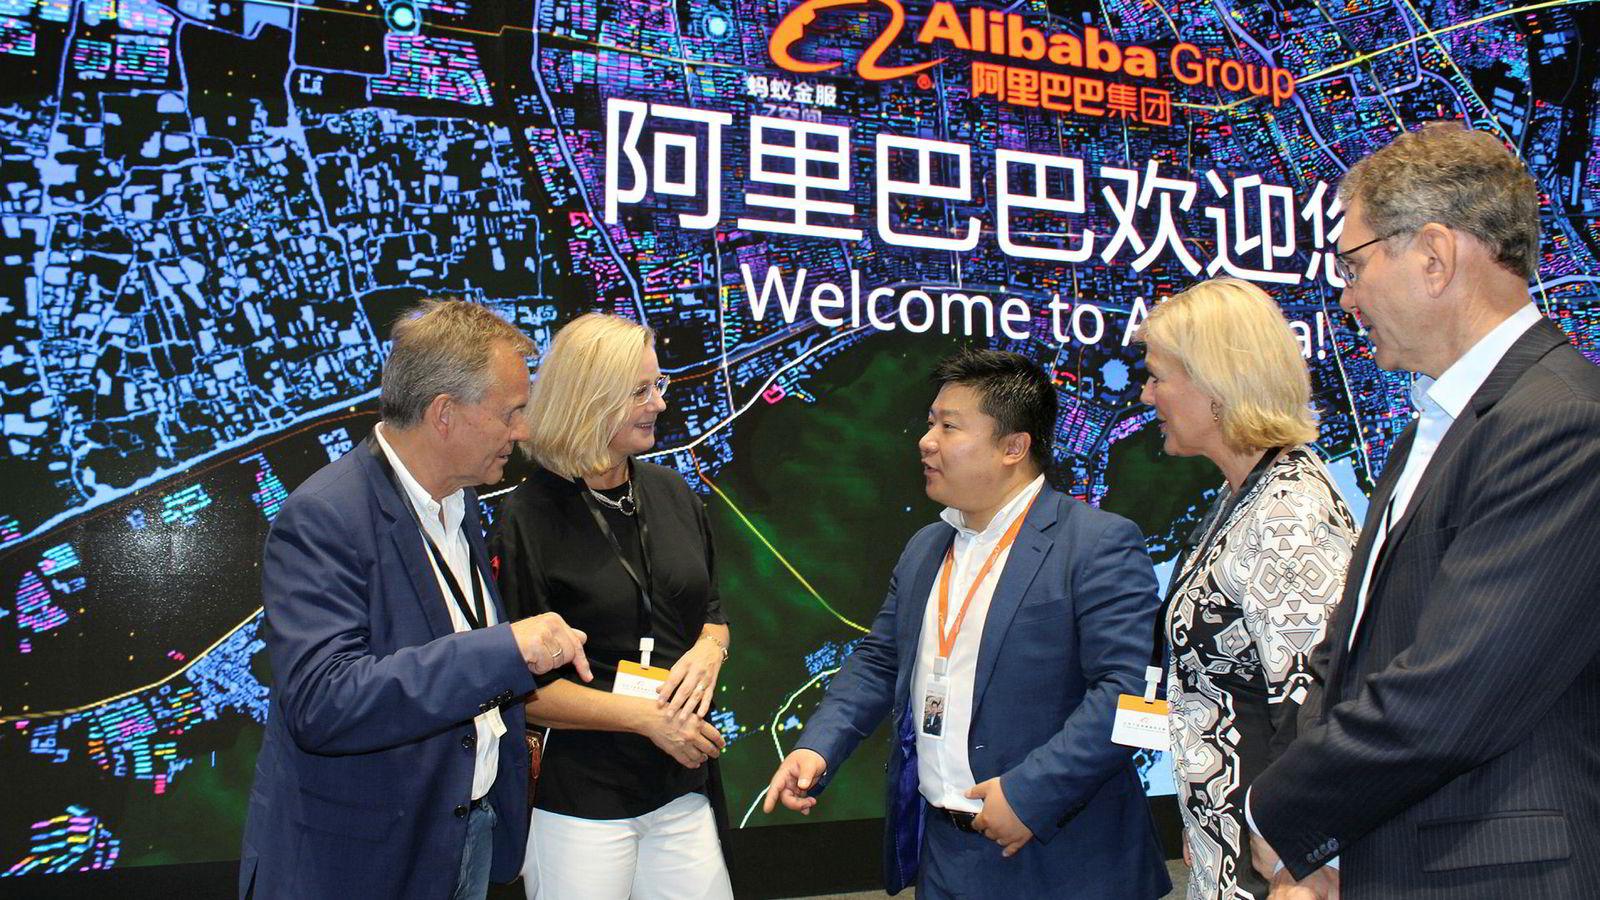 – Jeg må innrømme jeg er litt høy, sier konsernsjef Finn Haugan (til venstre) i Sparebank 1 Midt-Norge etter å ha besøkt kinesiske finansteknologiselskaper – her sammen med Anna-Lena Wretman (Swish), Yung Sung (Alibaba), Iren Tranvåd (Nordic Finance Innovation) og Øyvind Apelland (Aera) hos Alibaba.